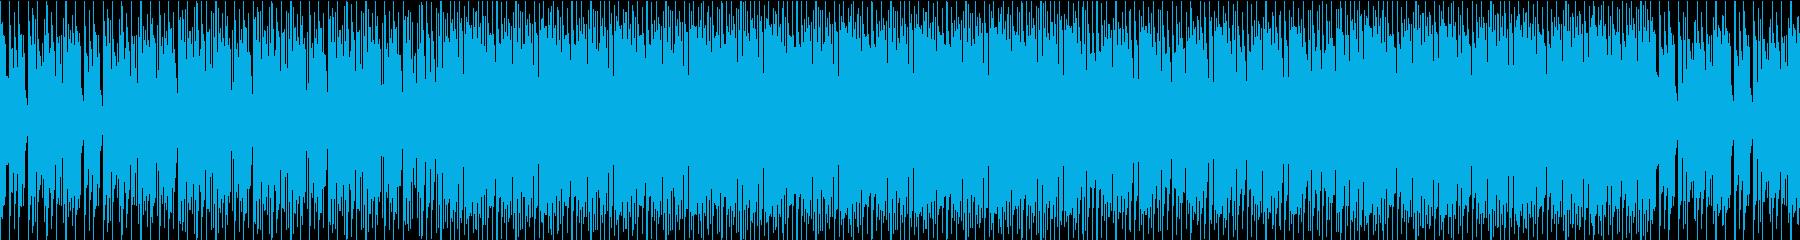 カリンバを使用したおしゃれで楽しいハウスの再生済みの波形